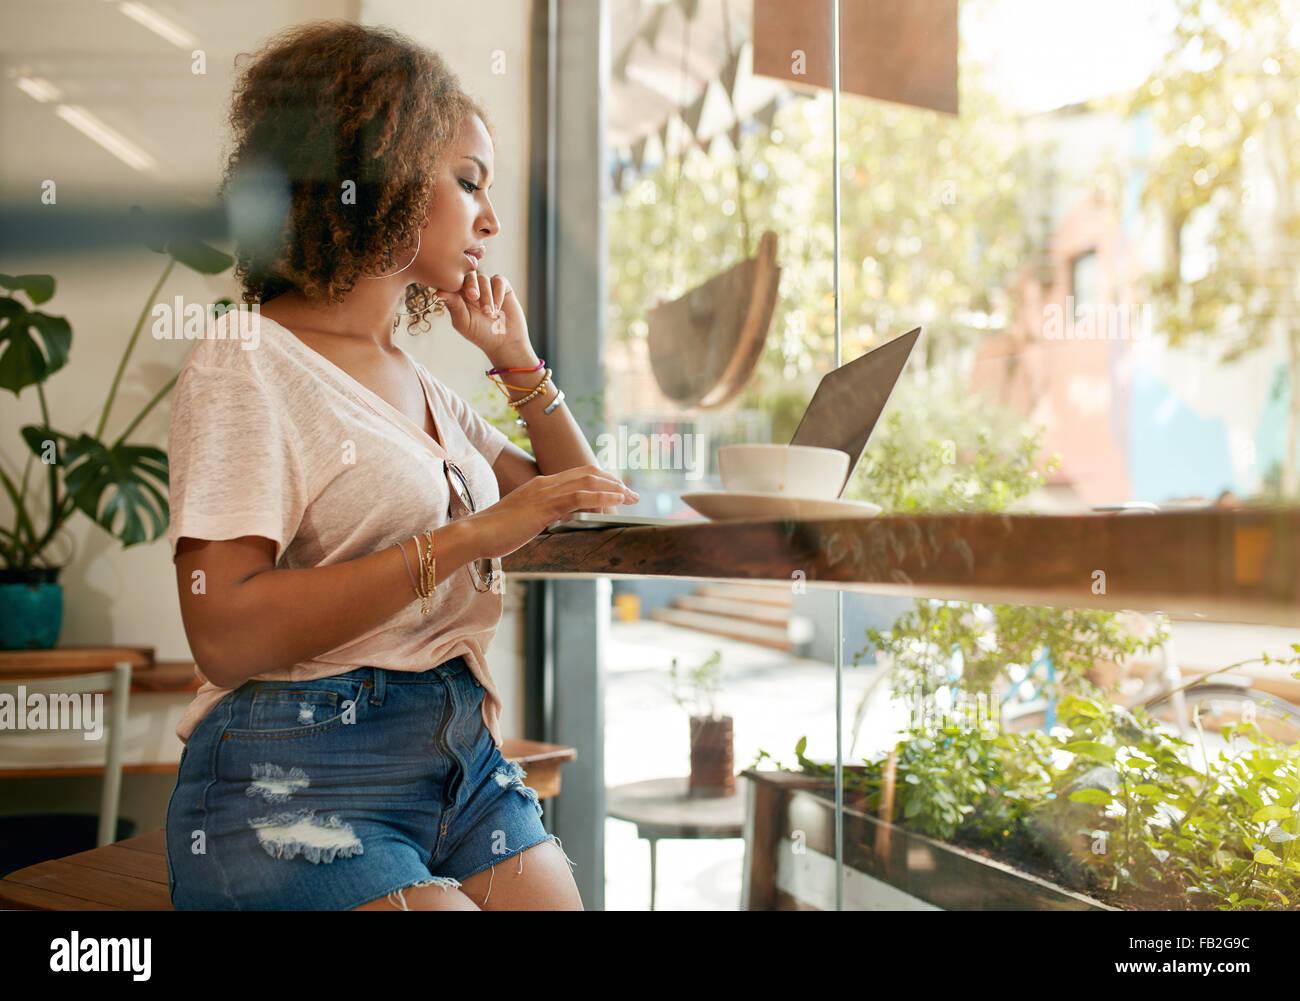 Foto de una mujer joven con su ordenador portátil en un café. Mujeres africanas sentado en el cafe navegando Imagen De Stock